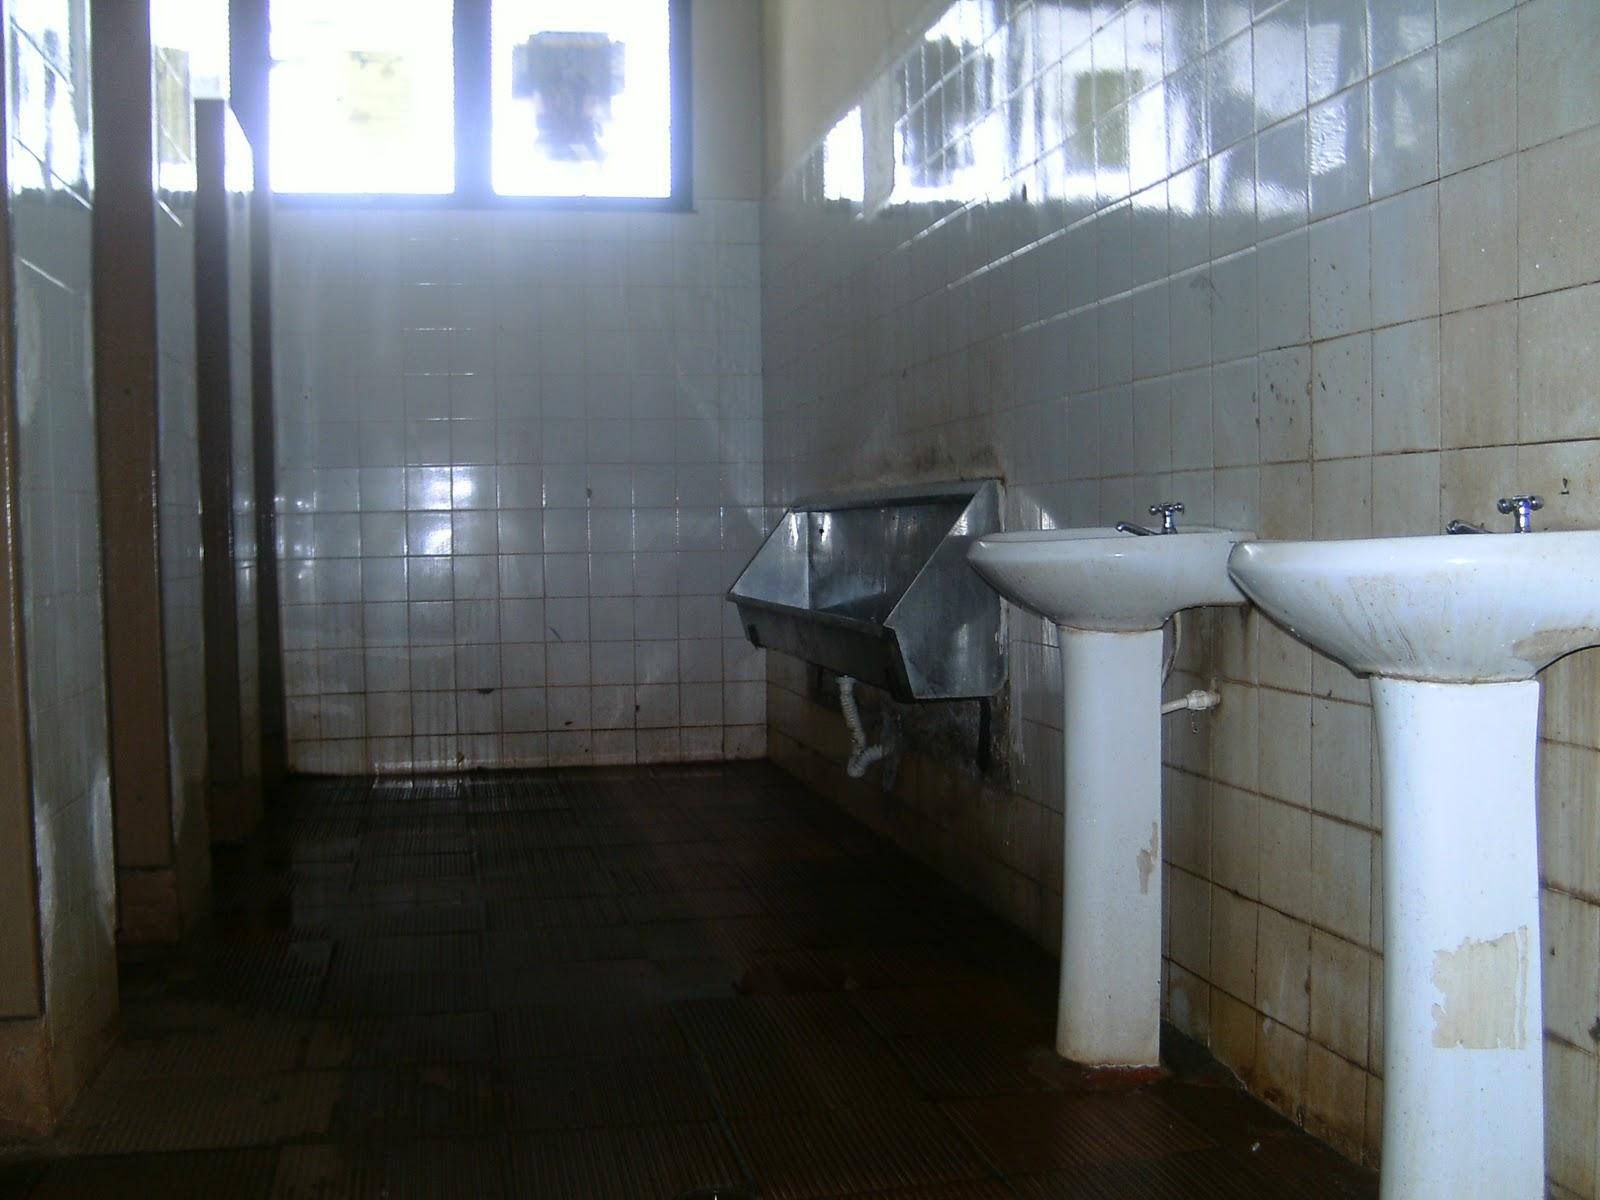 Banheiro público da rodoviária de Cravinhos está em péssimo estado  #376494 1600 1200